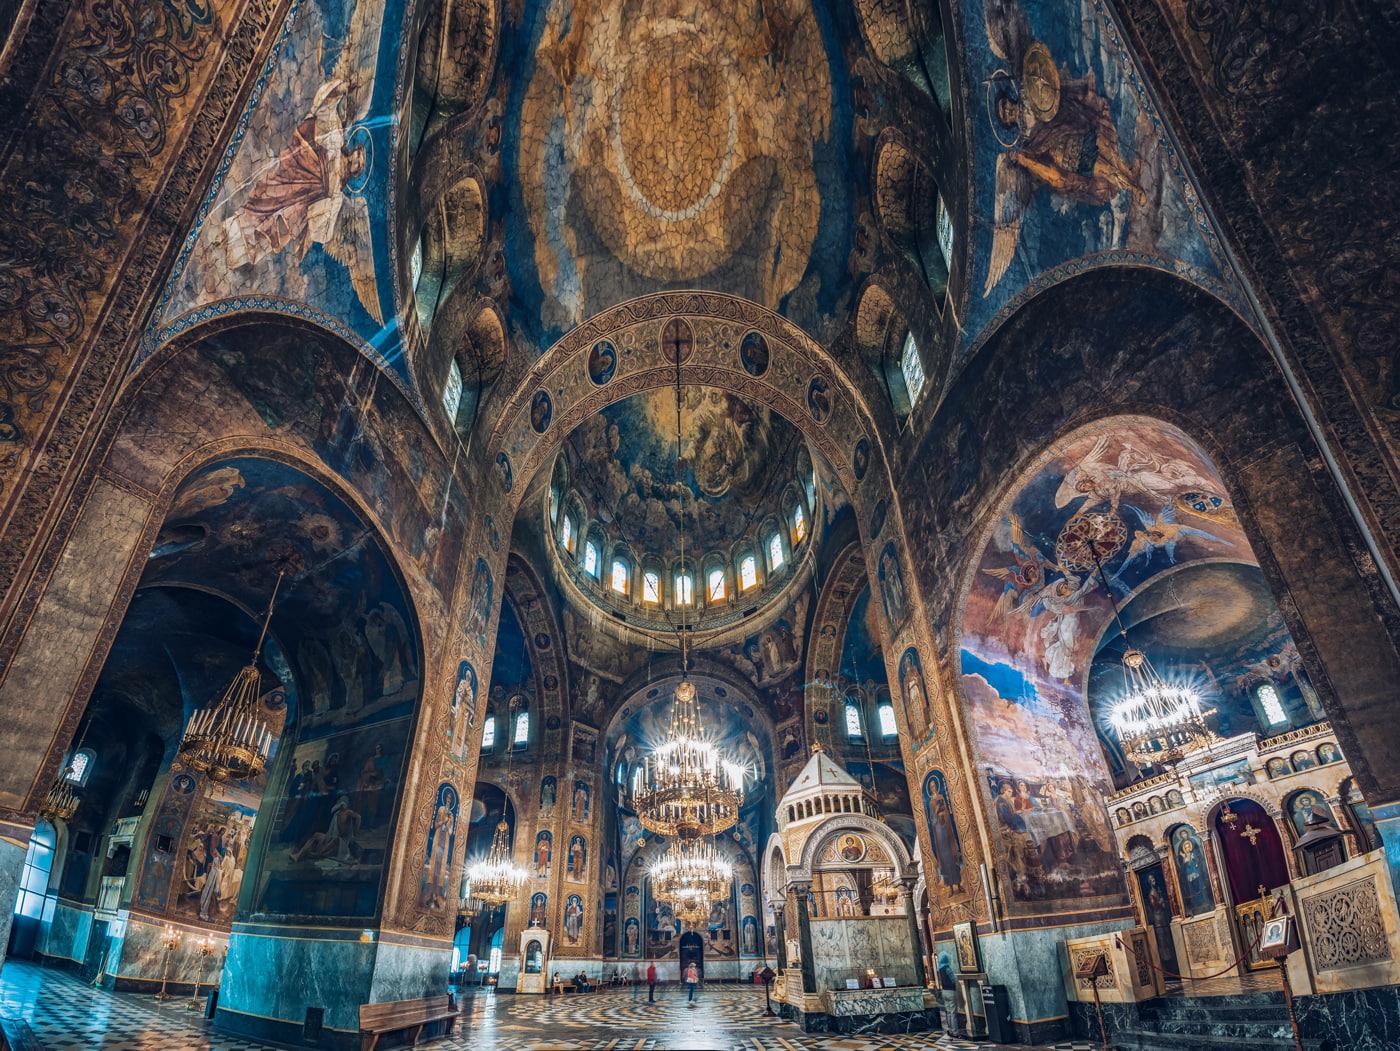 Inside Alexander Nevsky Cathedral